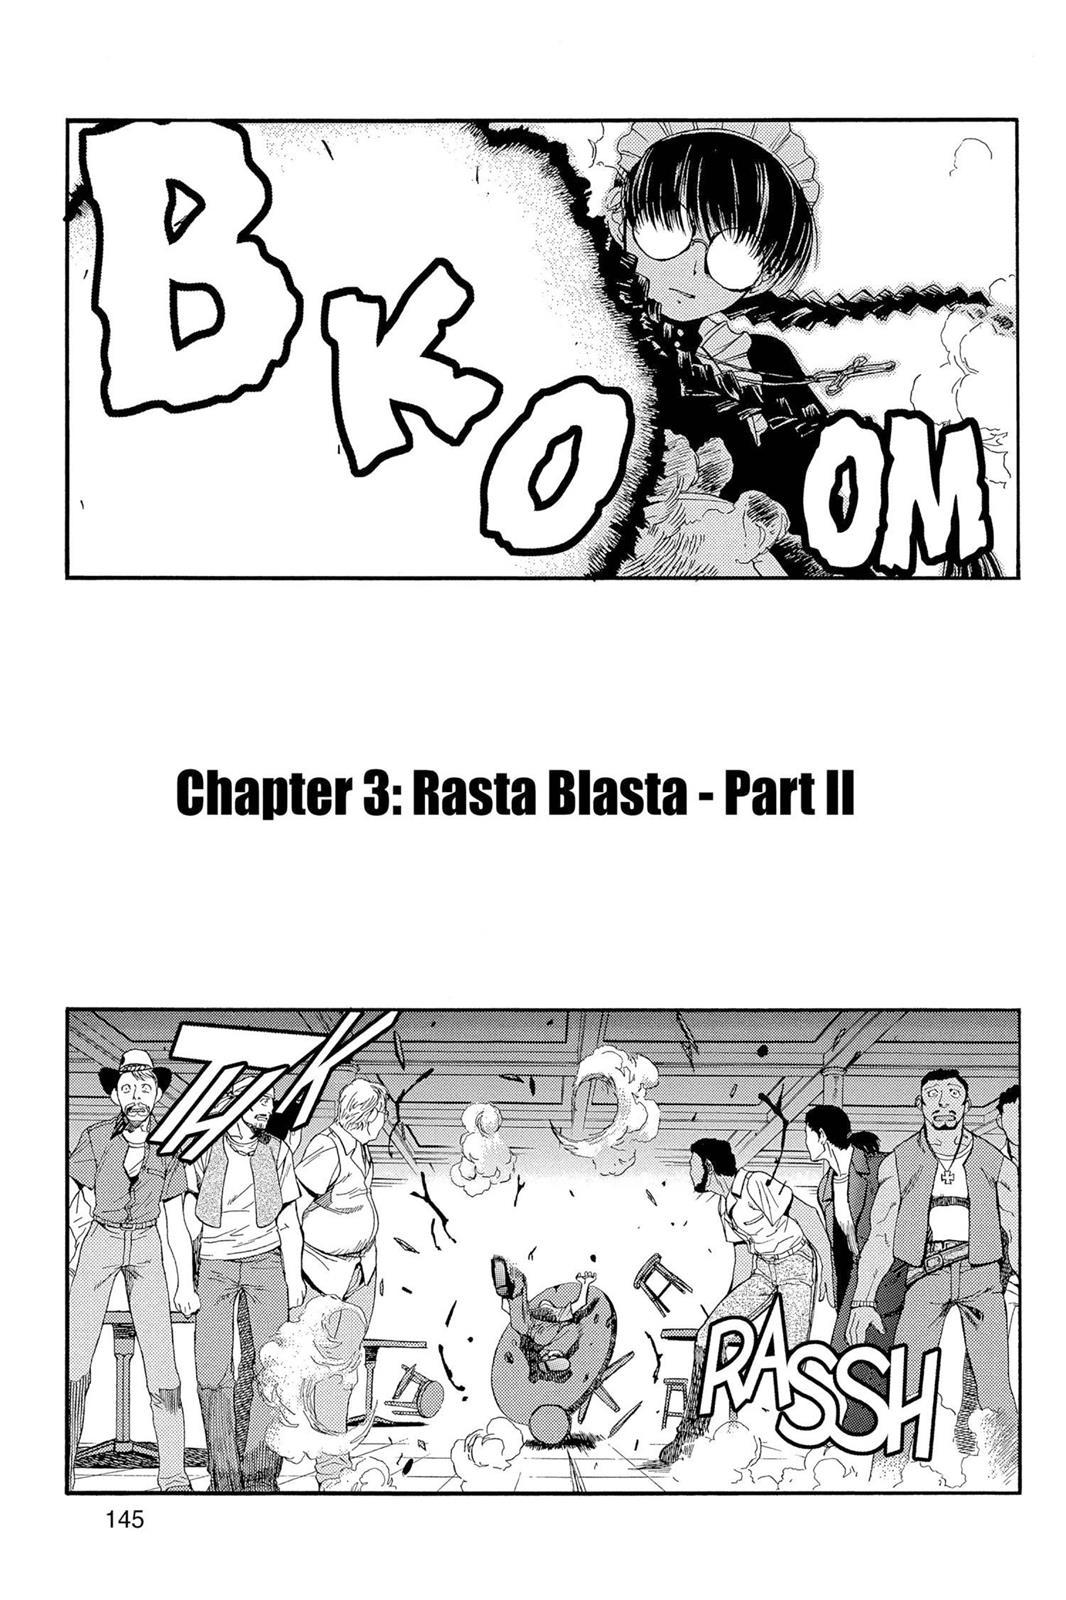 Rasta Blasta Part 2